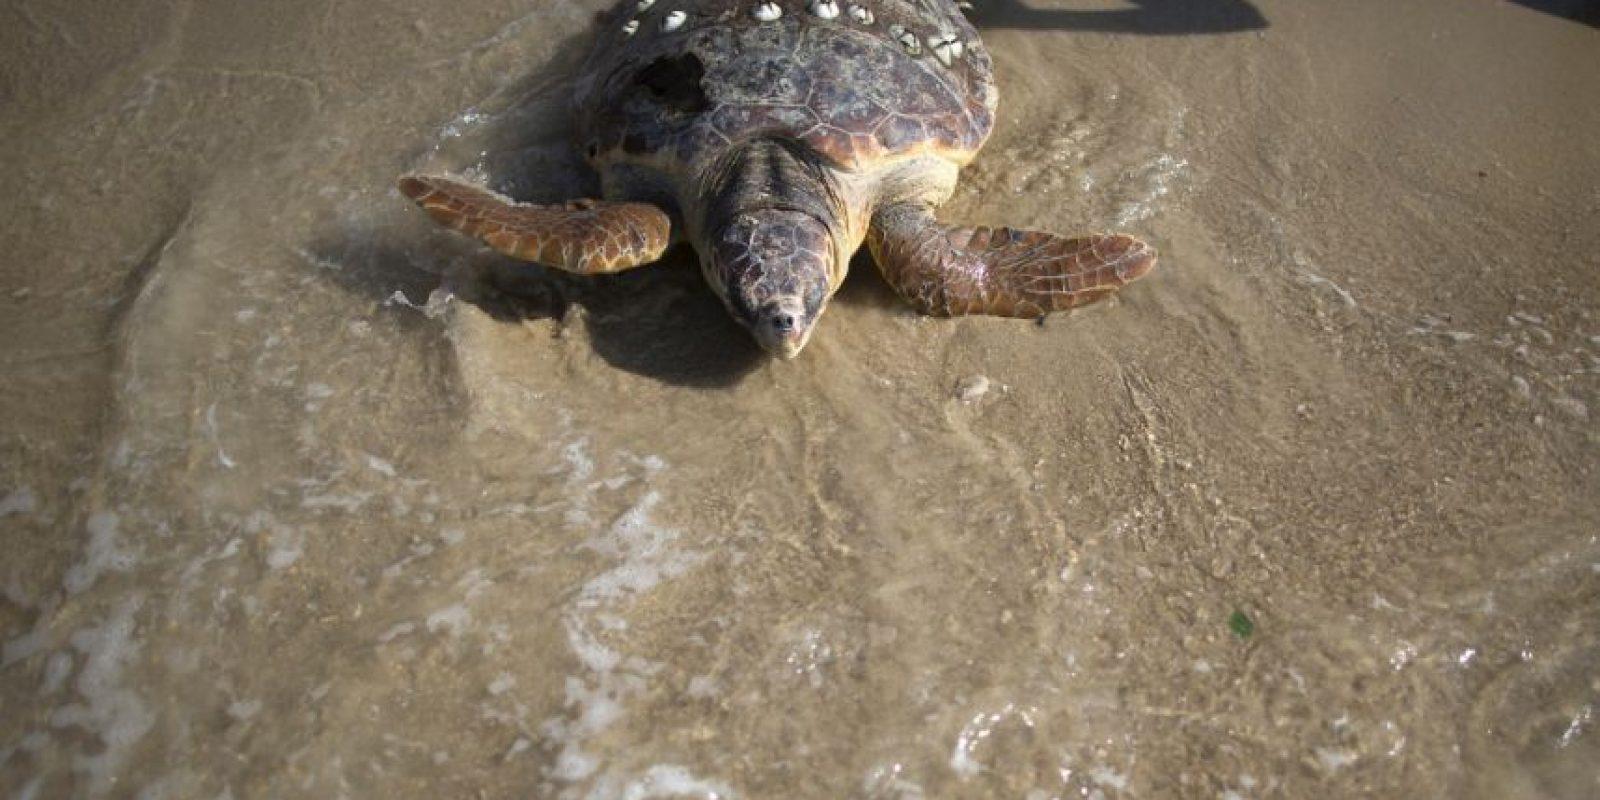 La mayoría de las especies de tortugas se encuentran en aguas poco profundas de bahías, lagunas y estuarios. Otras se adentran al mar abierto Foto:Getty Images